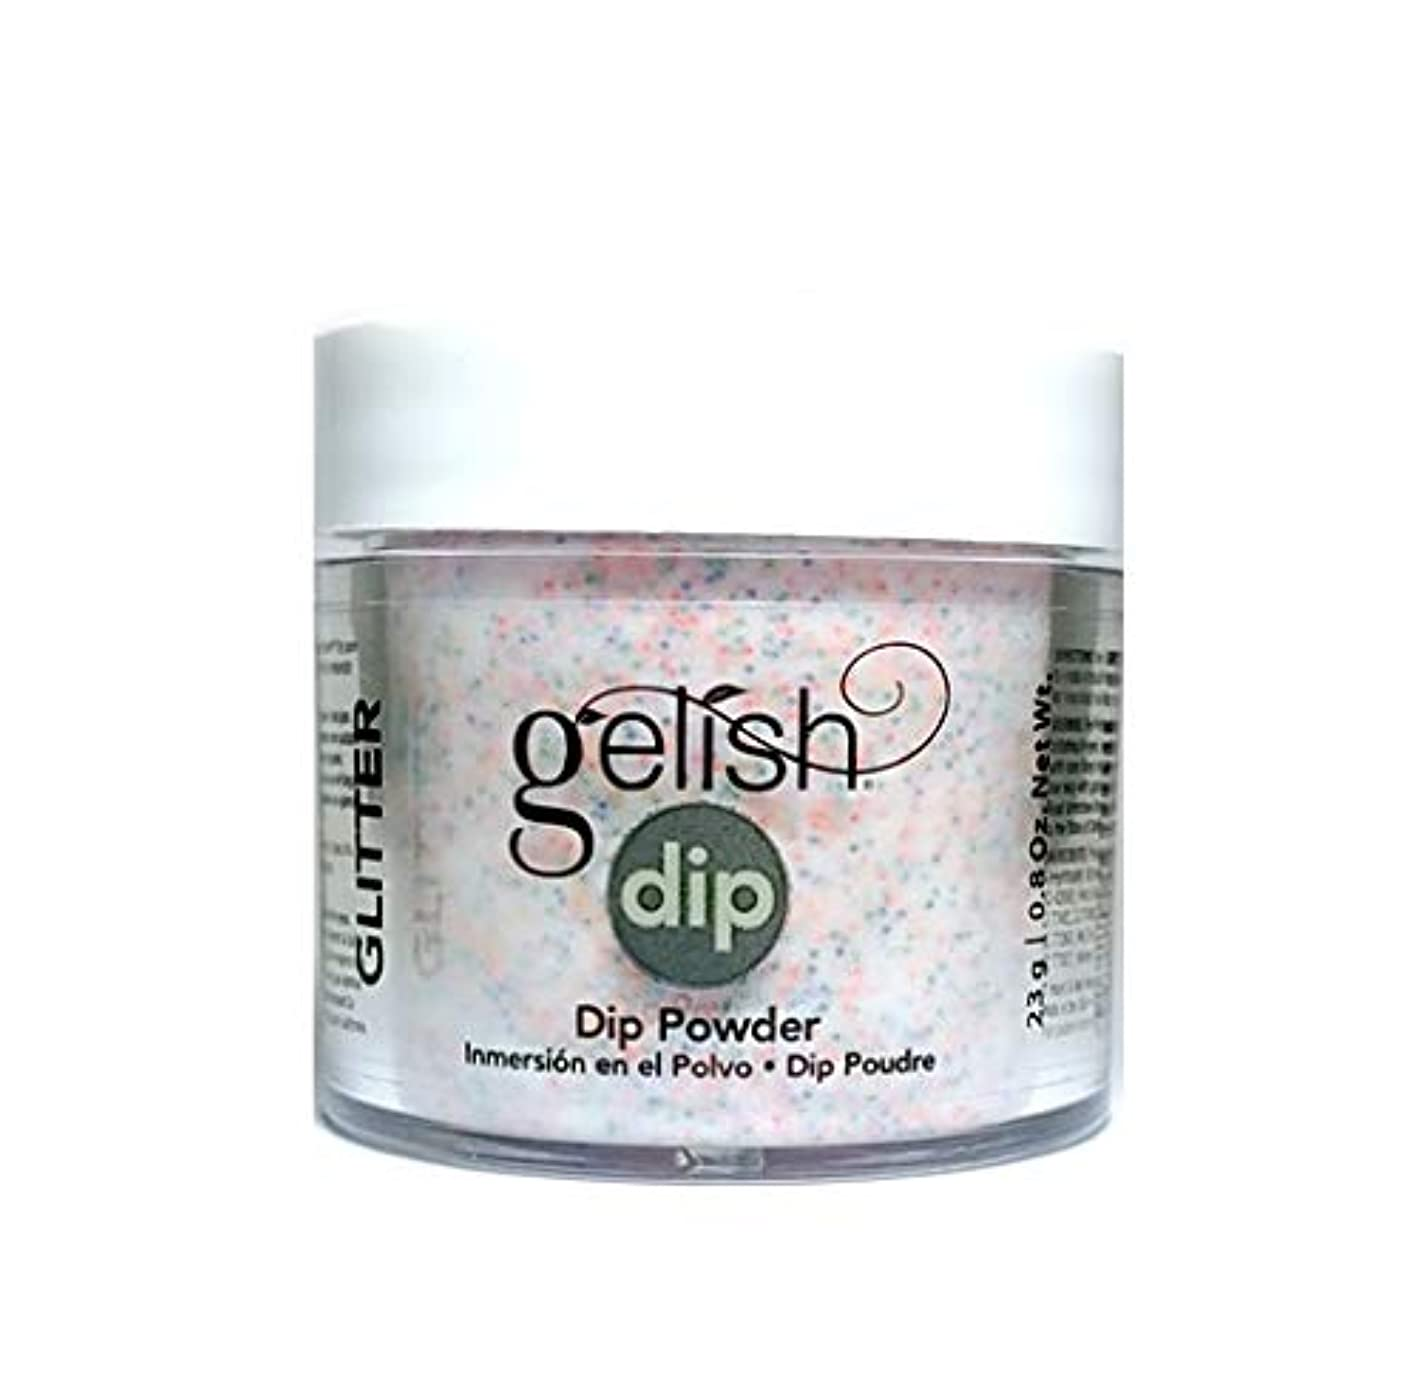 多用途ライセンススコットランド人Harmony Gelish - Dip Powder - Lots Of Dots - 23g / 0.8oz